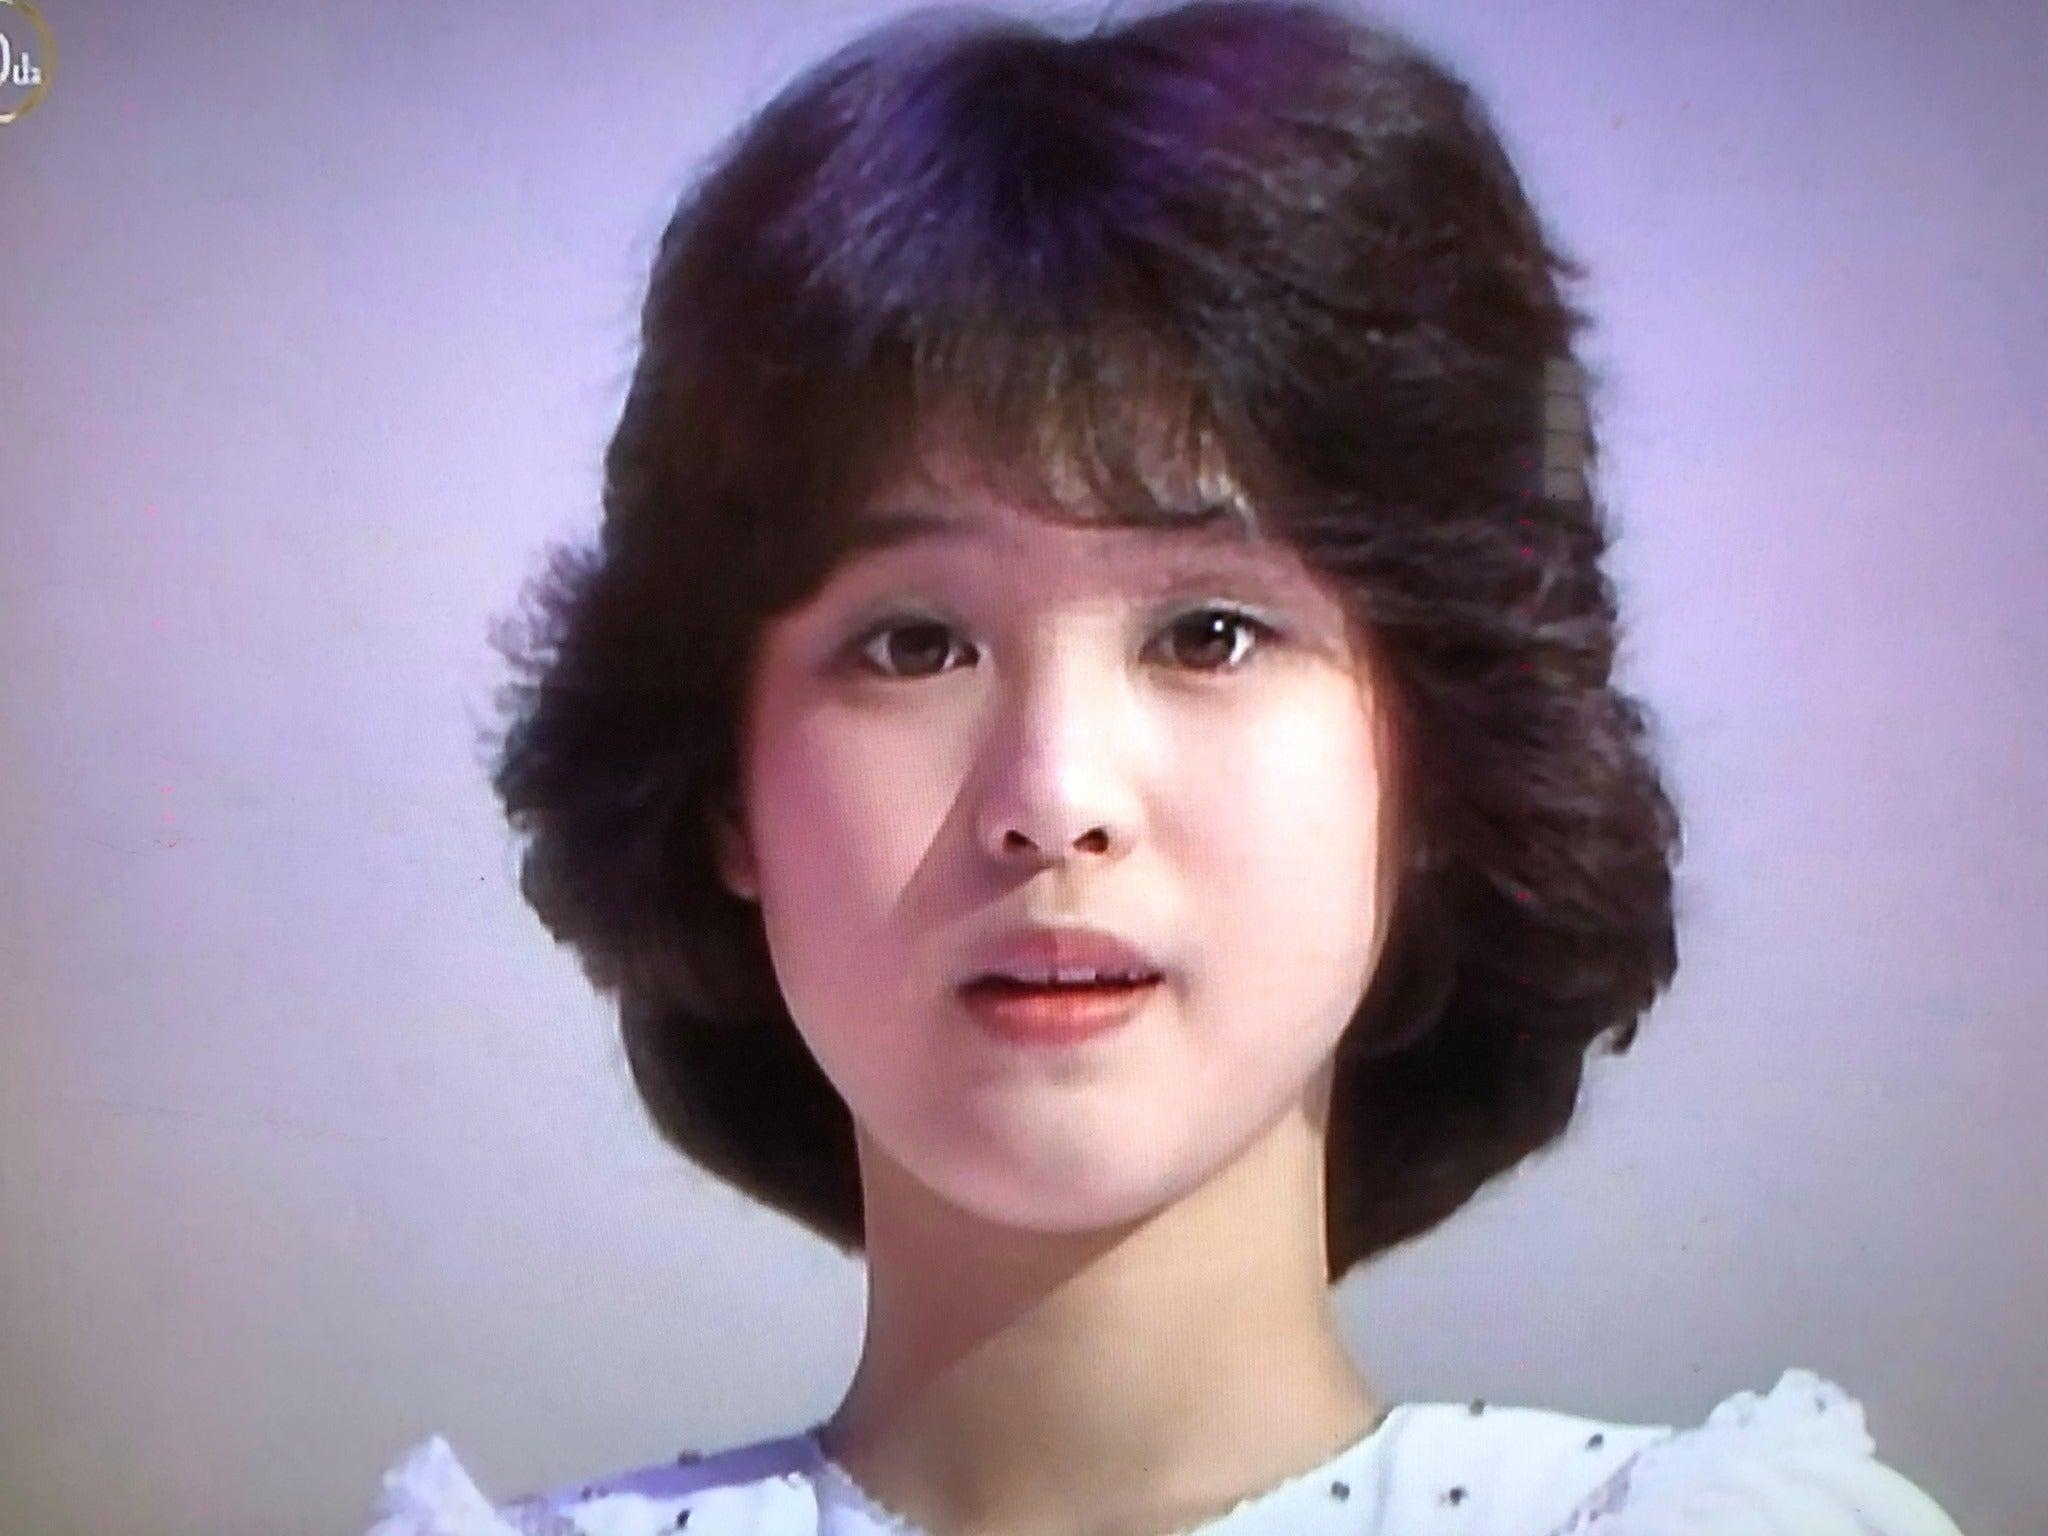 デビュー当時の松田聖子!!! | ハンターカブ中心生活?